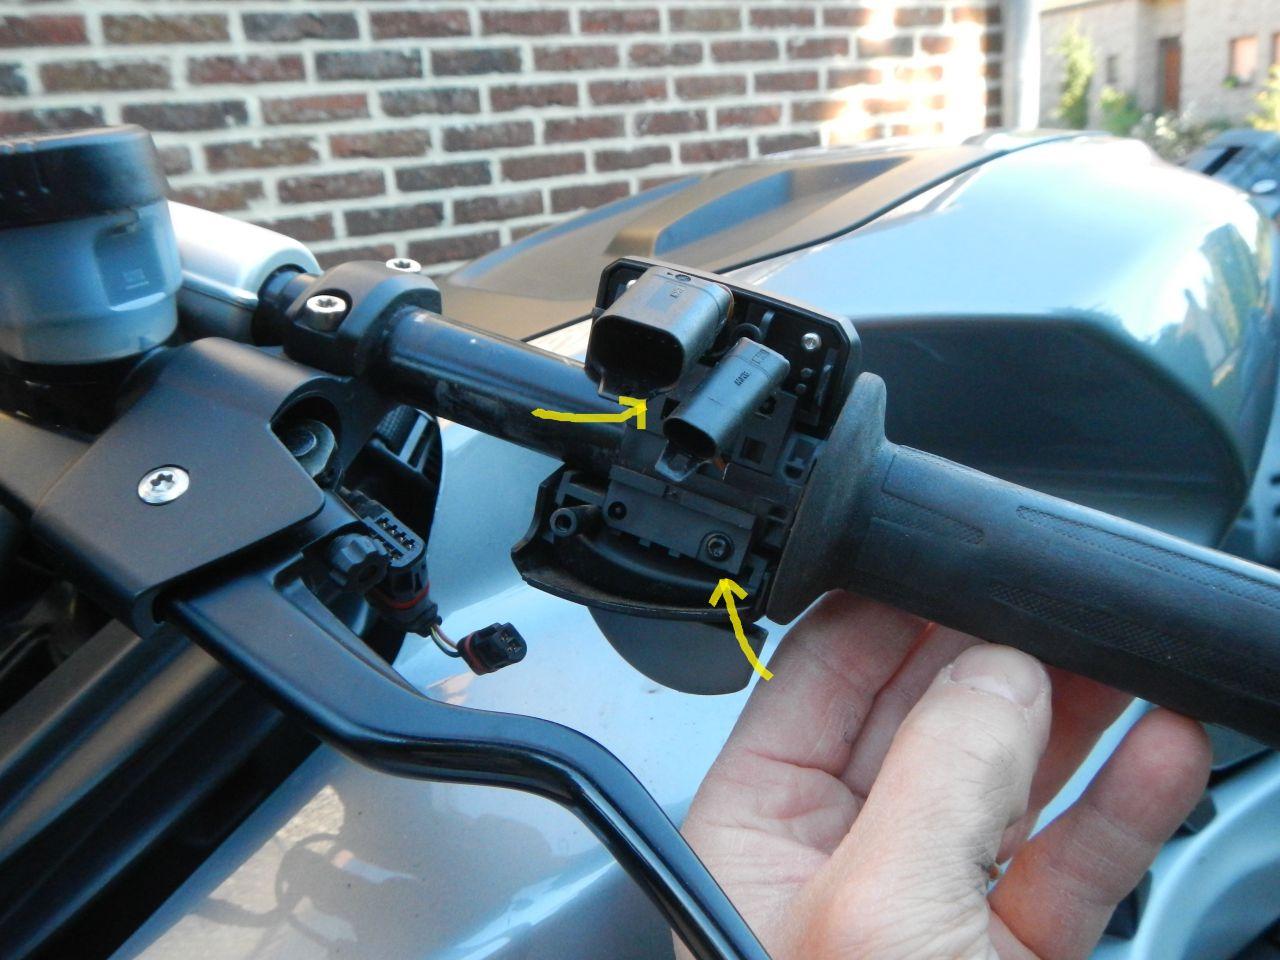 Tuto - réparation poignée chauffante HS - K1200S 560d7abacaaf1